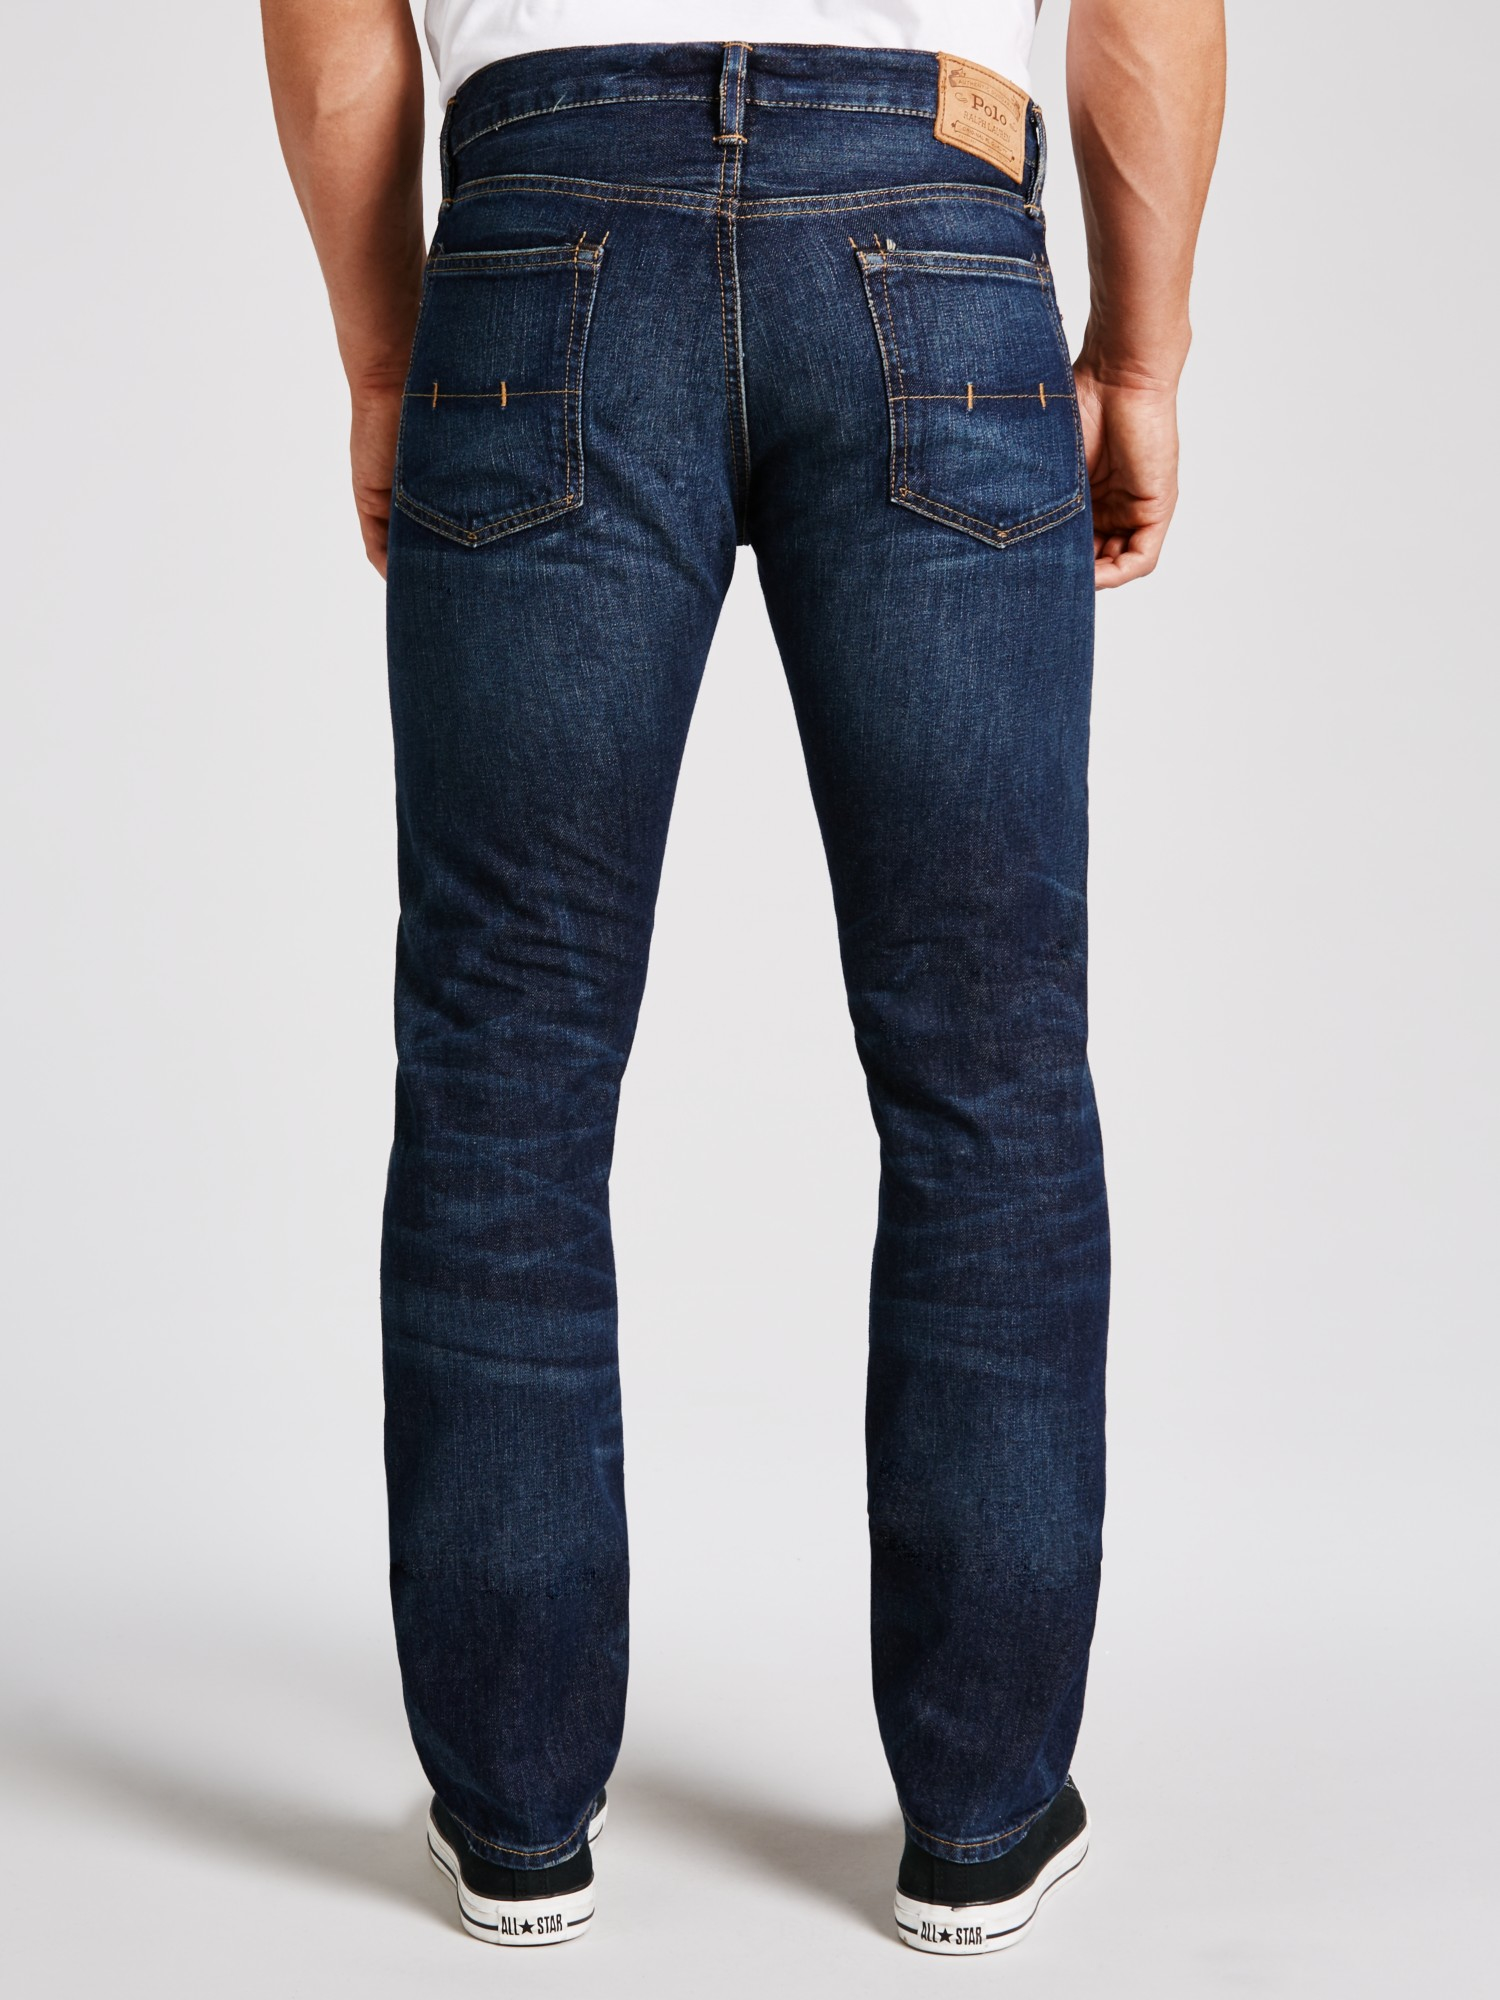 Polo Ralph Lauren Slim Fit Jeans - Joe Maloy d988de9884dc